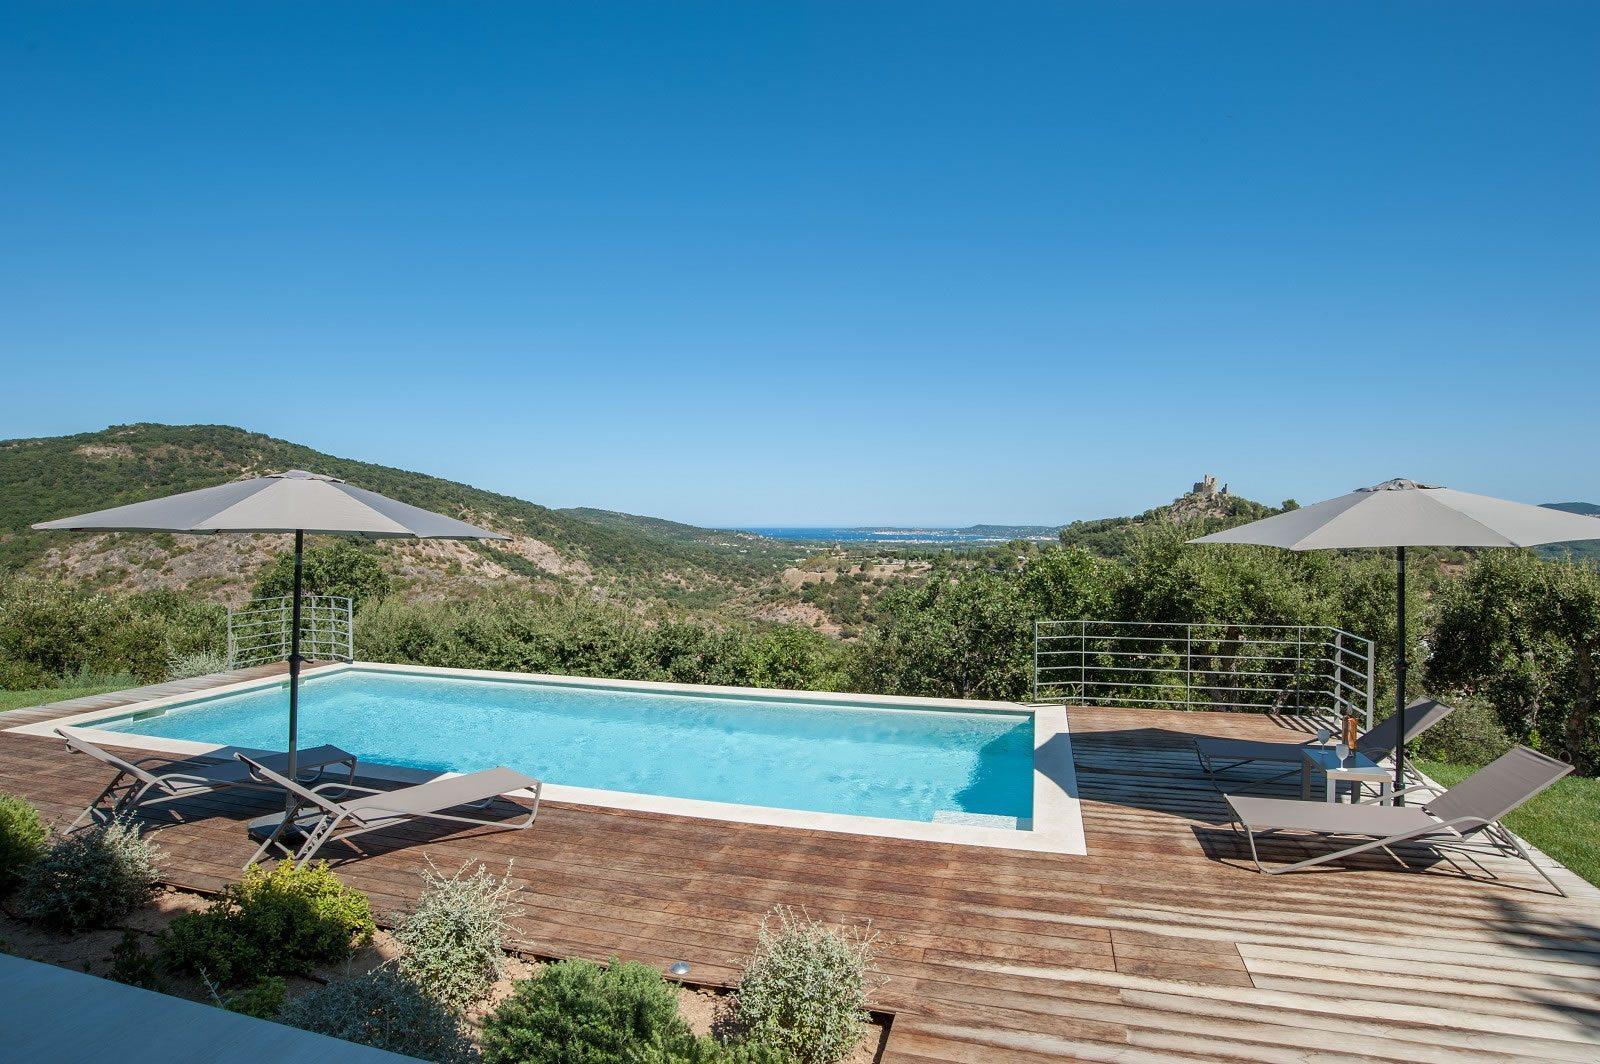 exceptionnelle-villa-neuve-piscine-vue-sublime-a-vendre-grimaud-double-garageexceptionnelle-villa-neuve-piscine-vue-sublime-a-vendre-grimaud-double-garage